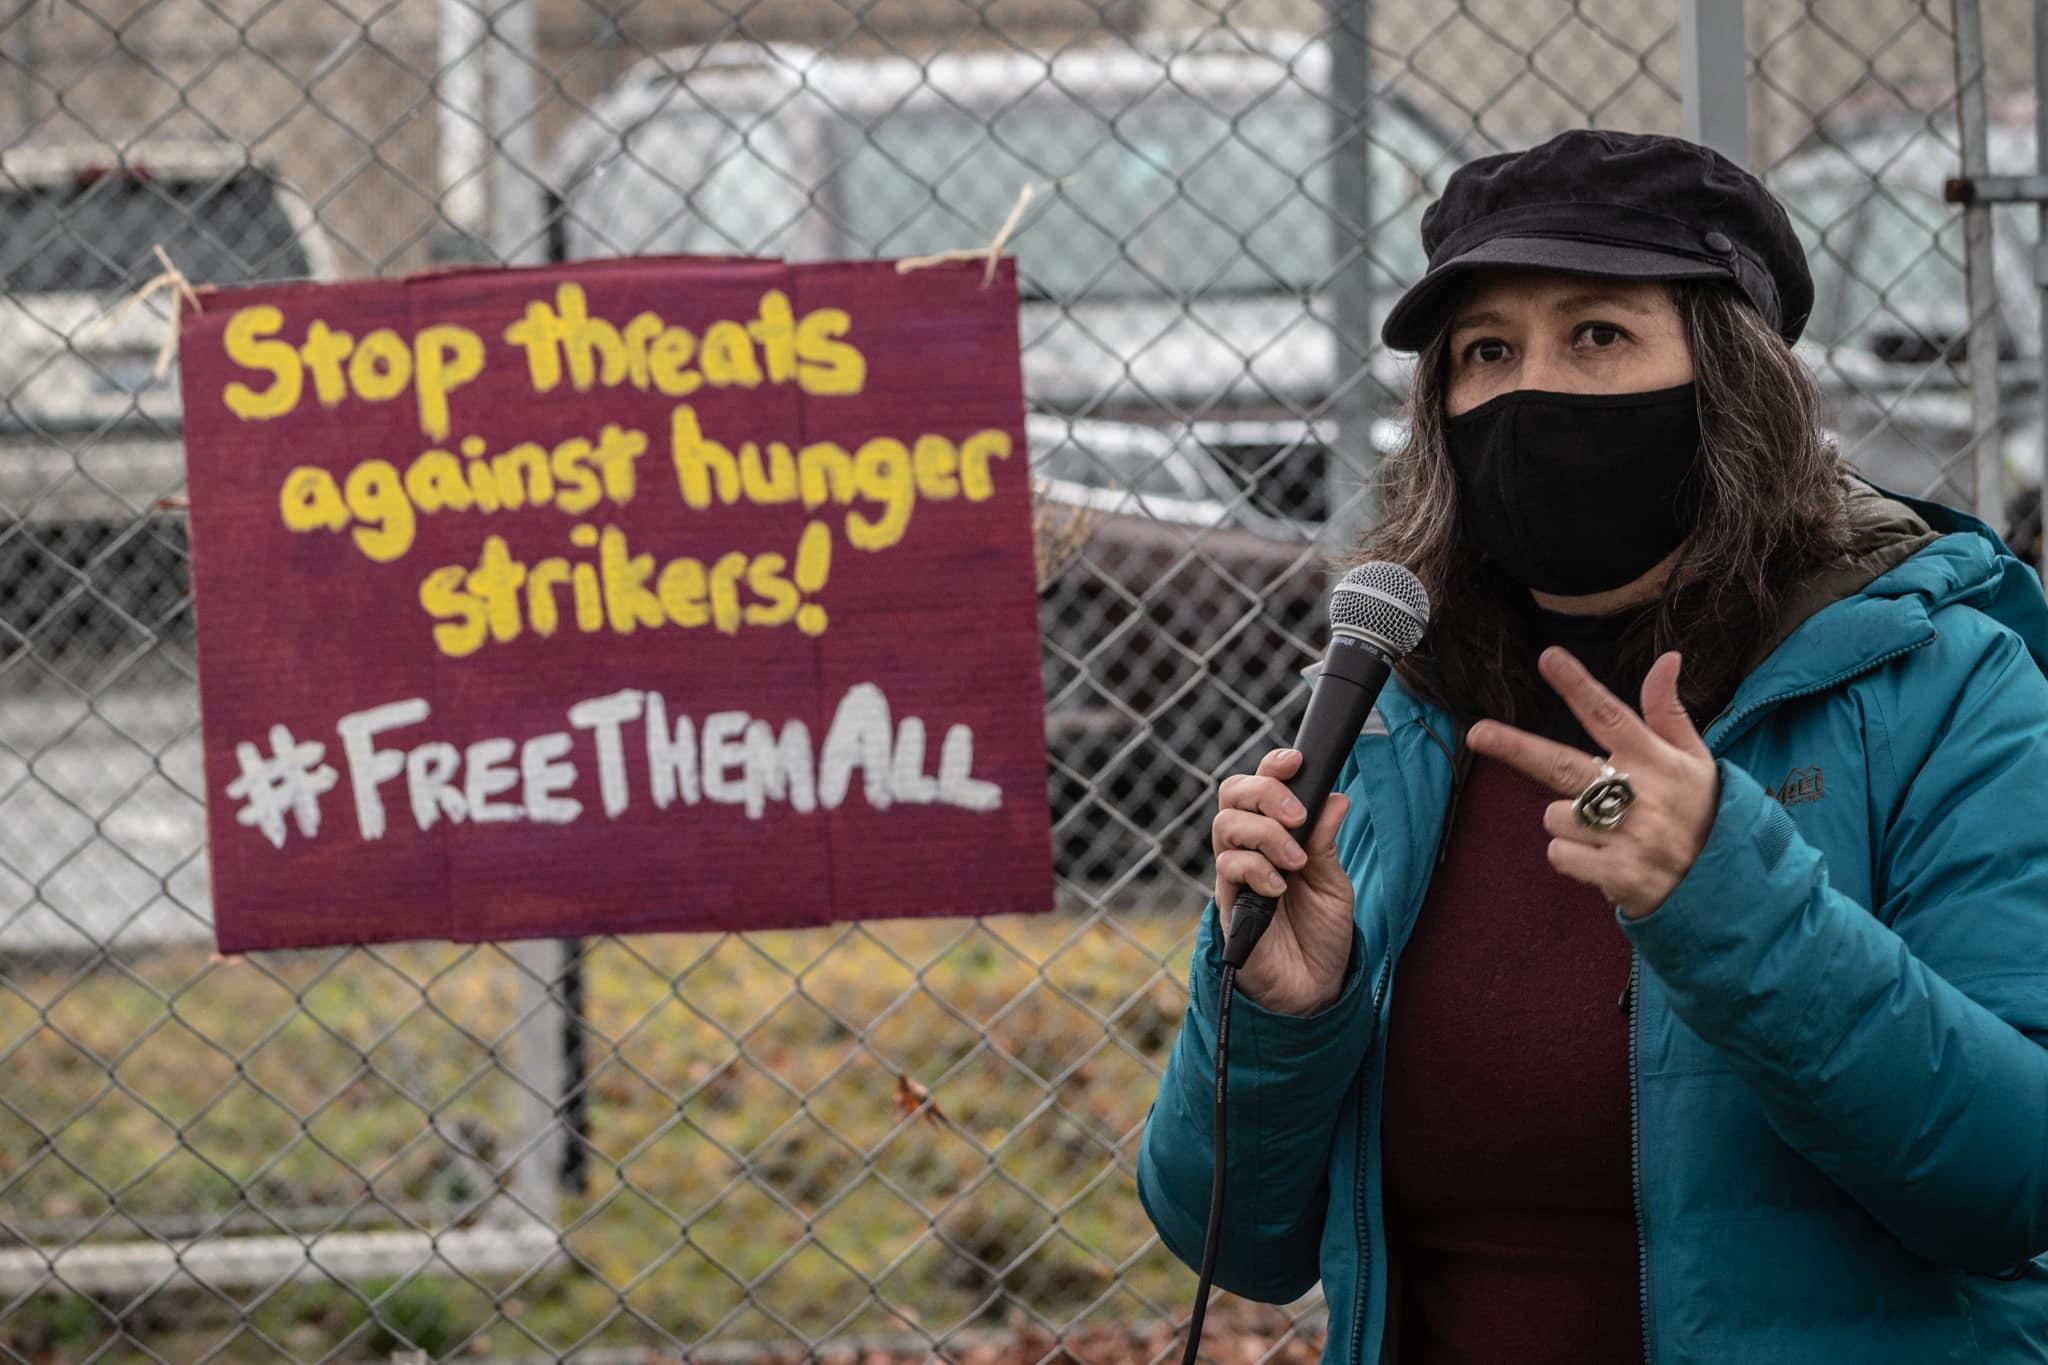 Activista del grupo La Resistencia en el Centro de Detención del Noroeste, en Tacoma, Washington, que impulsa la campaña en defensa de Víctor Fonseca. Foto: La Resistencia / Facebook.